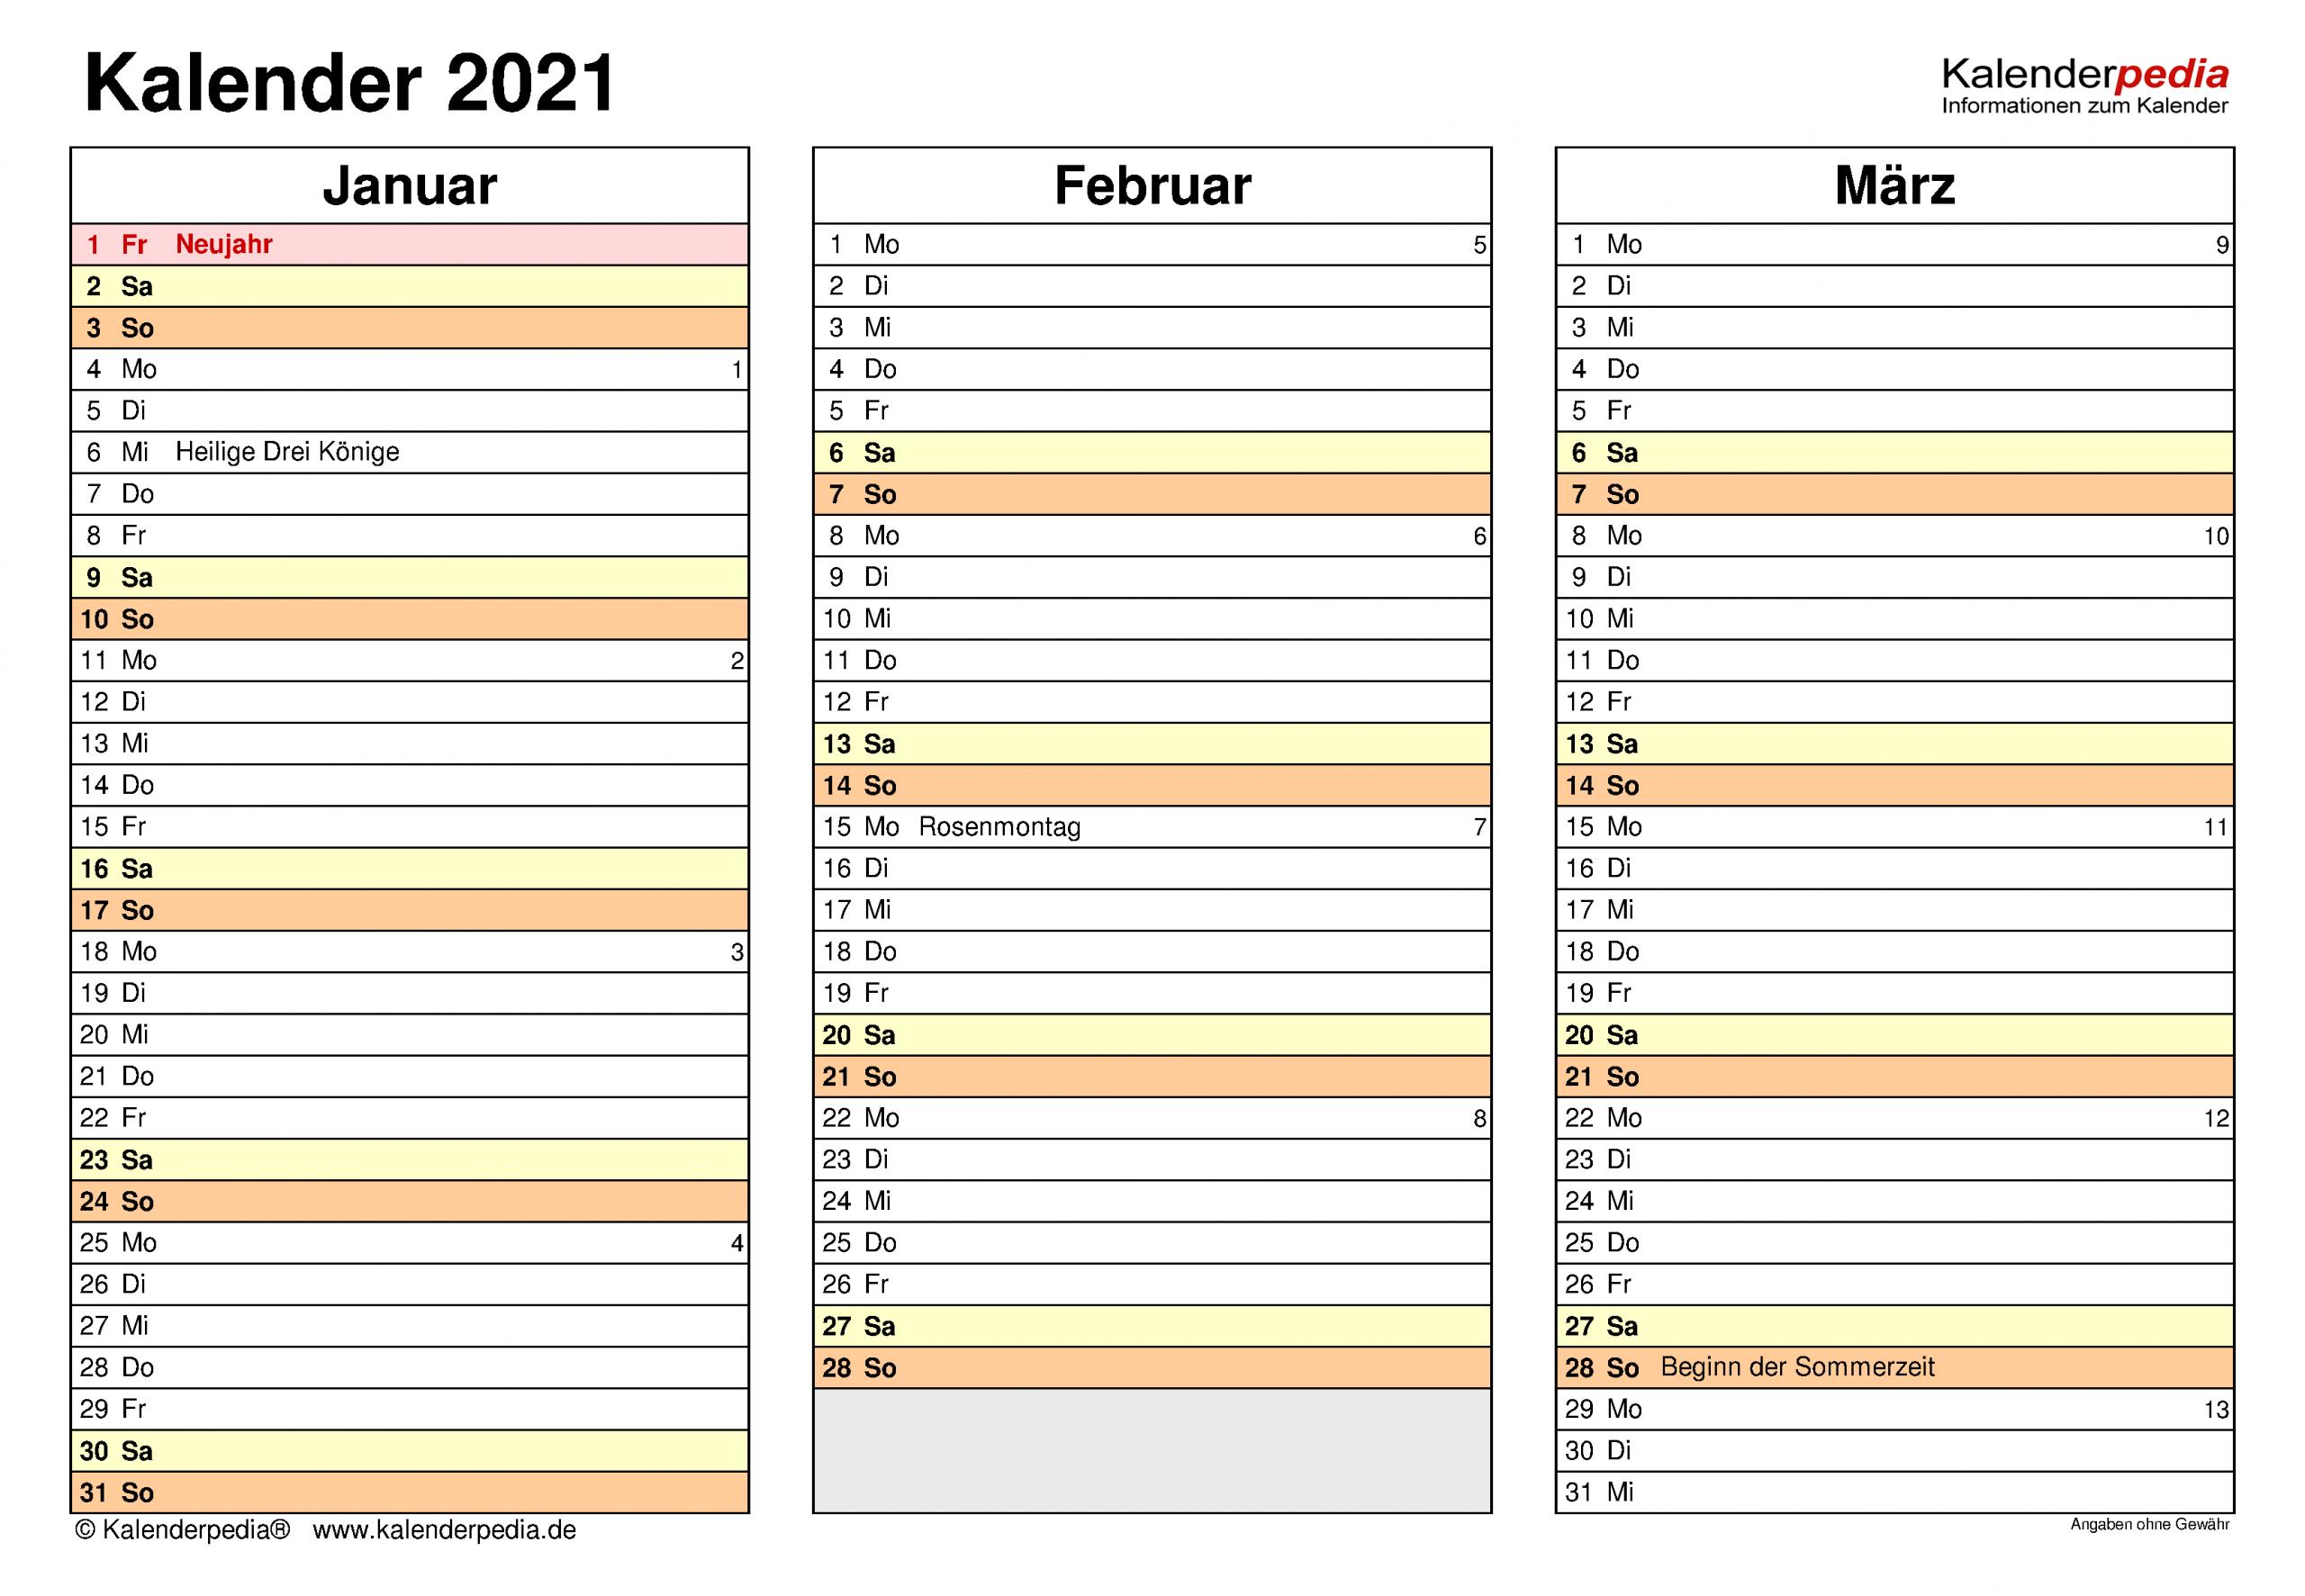 Kalender 2021 Zum Ausdrucken Als Pdf 19 Vorlagen Kostenlos